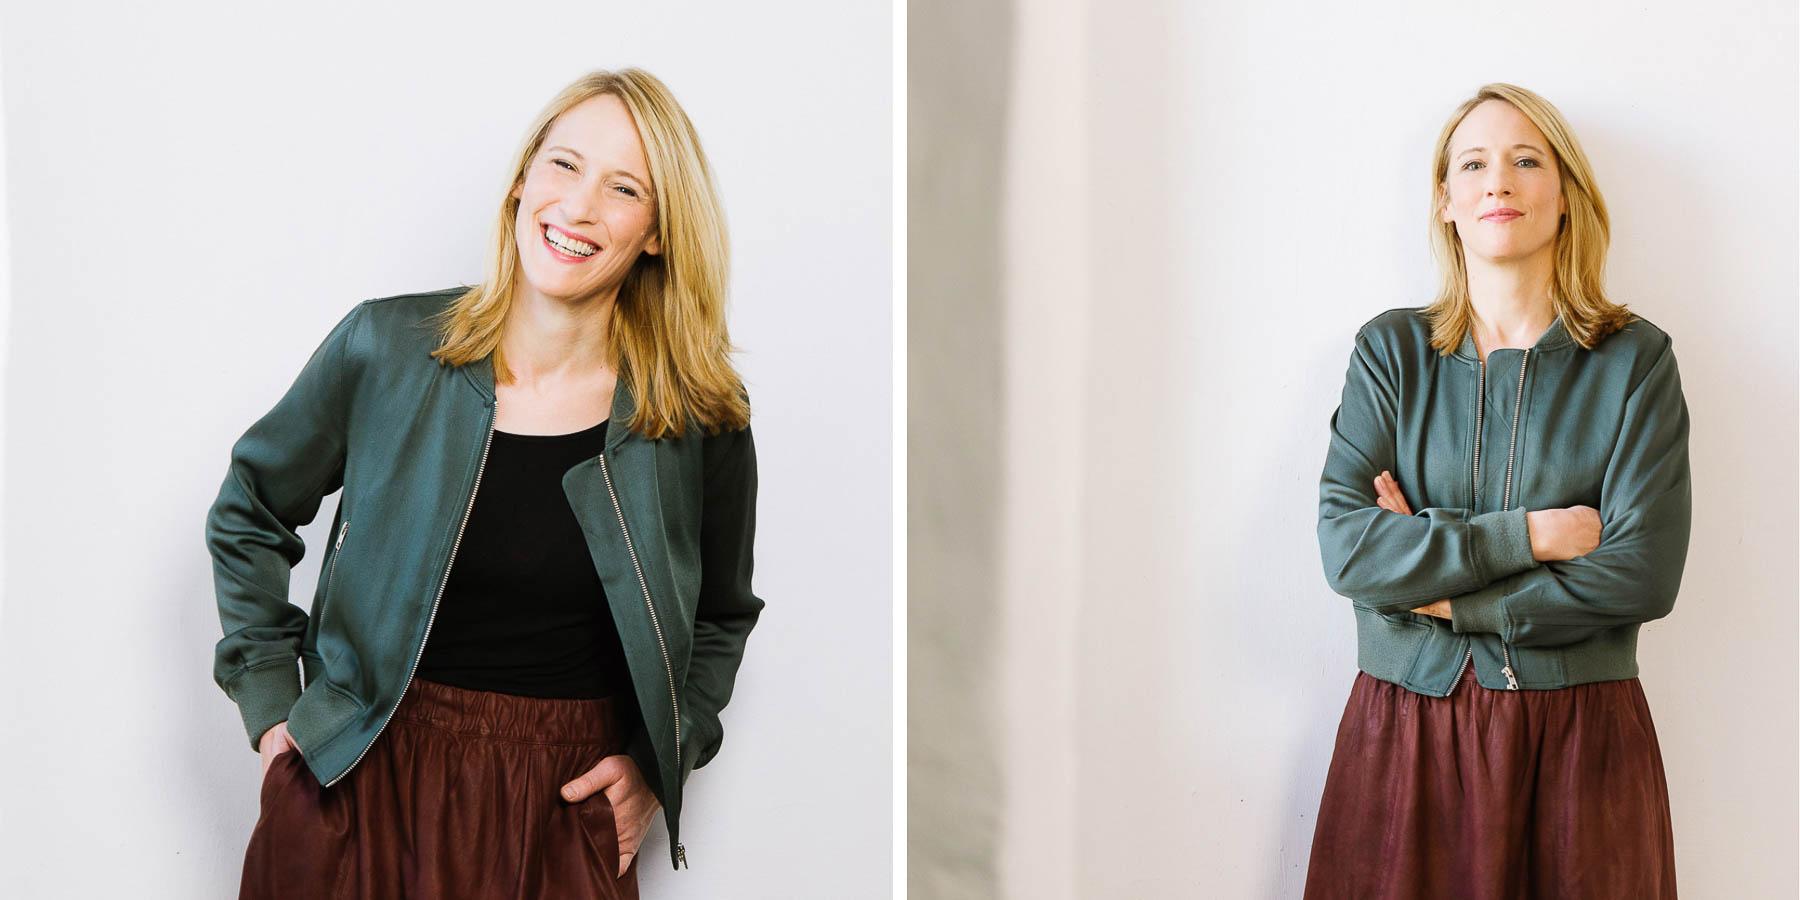 Portrait Business - Fotografin Lotte Ostermann Berlin